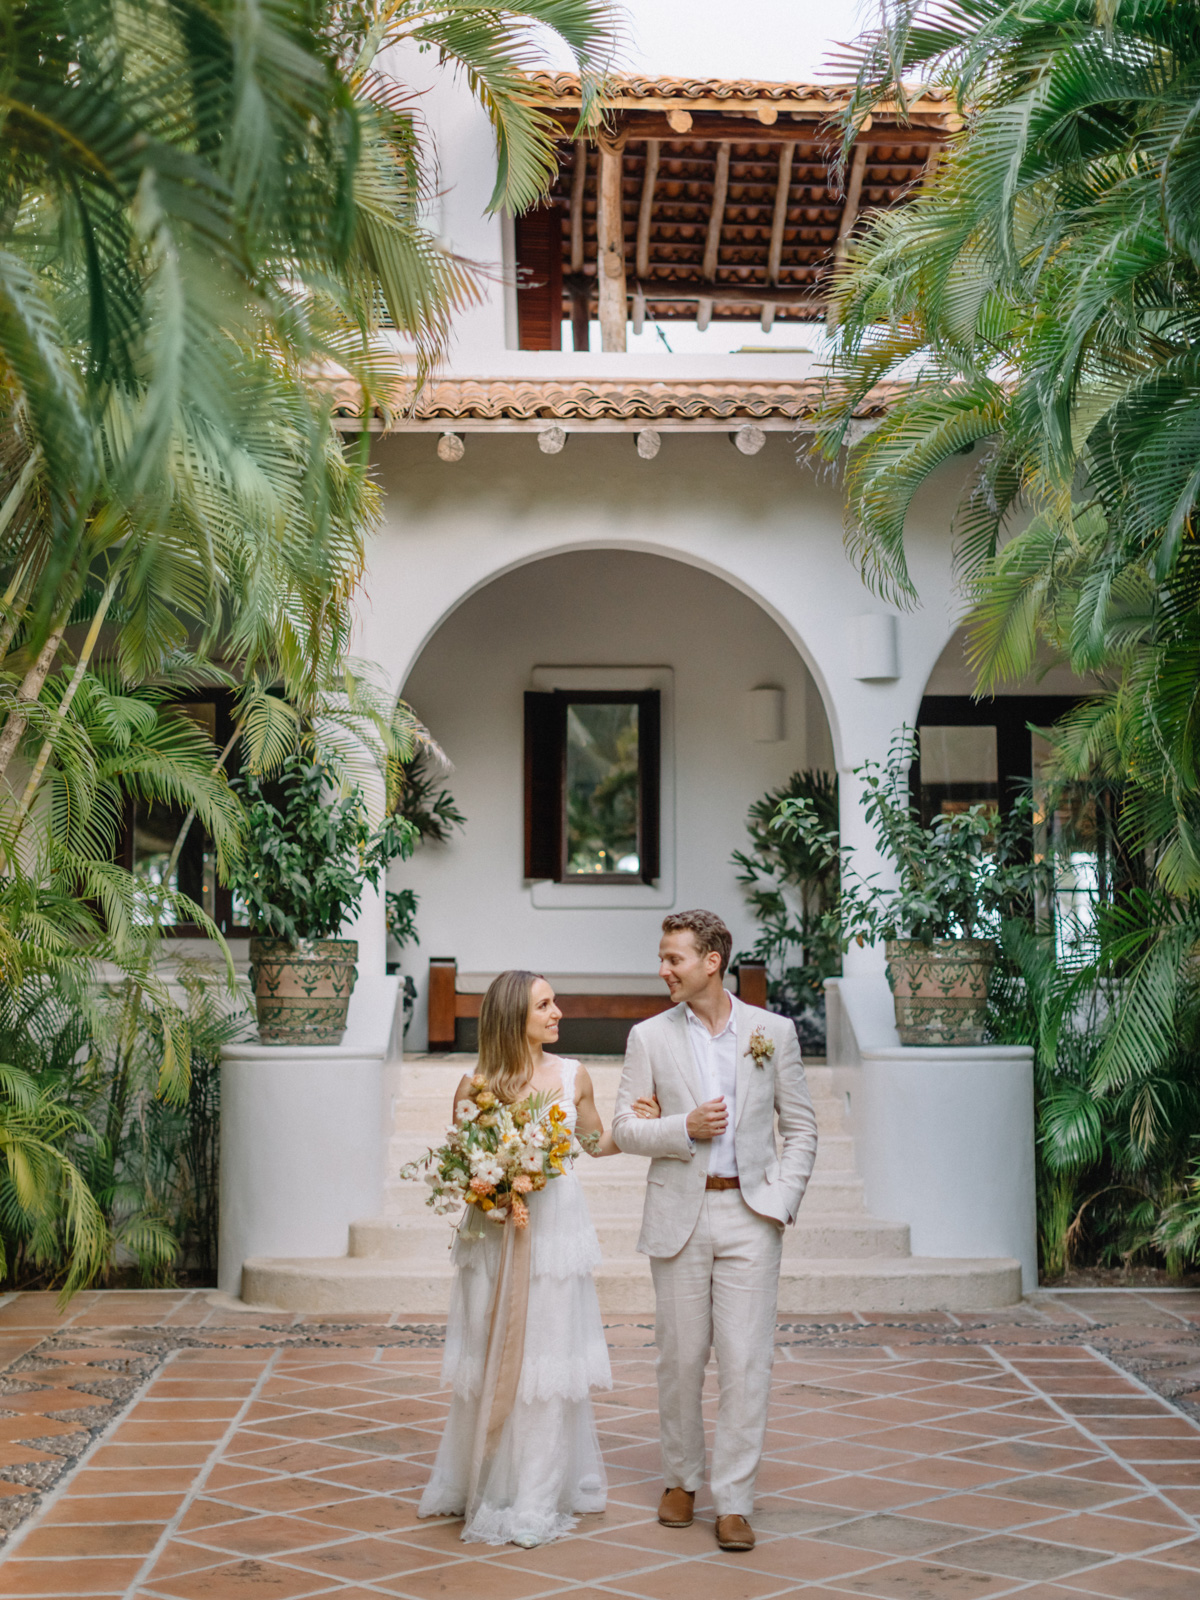 Hotel Esencia Tulum Wedding Martha Stewart-026.jpg